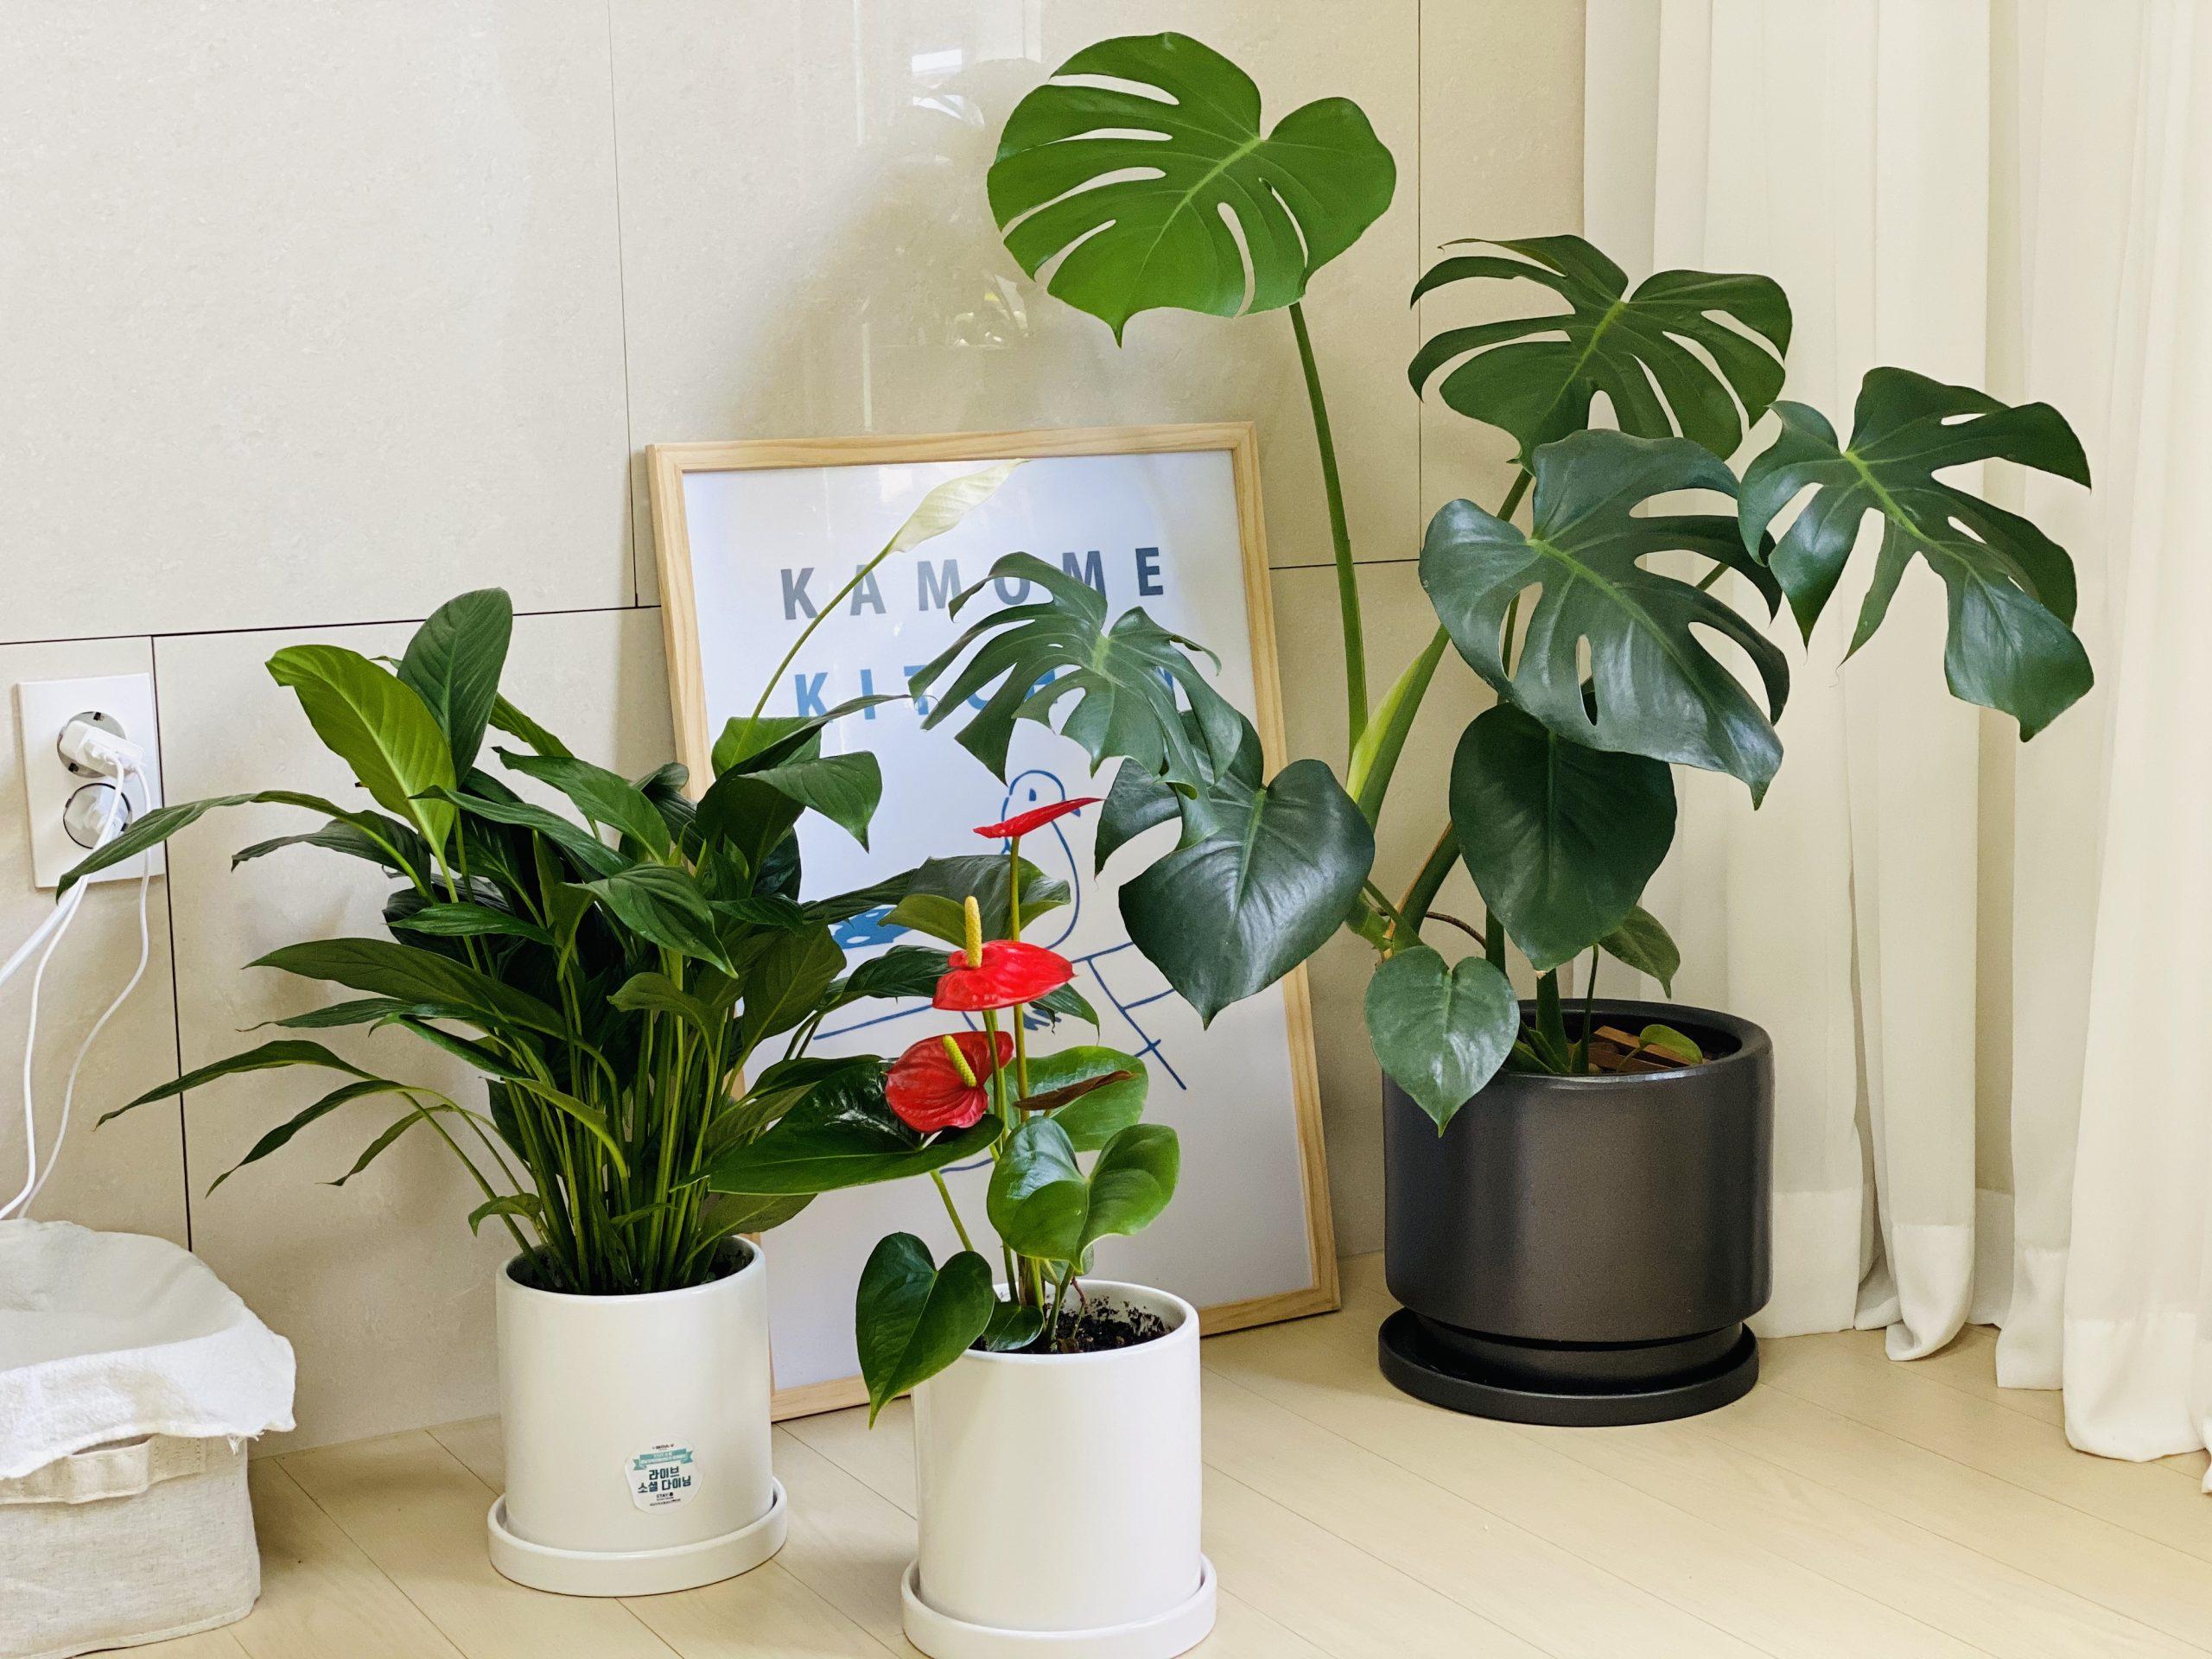 [우리함께 마실가요] 햇살정원과 함께하는 우리집 초록공간 반려식물 기르기(공기정화식물) 후기